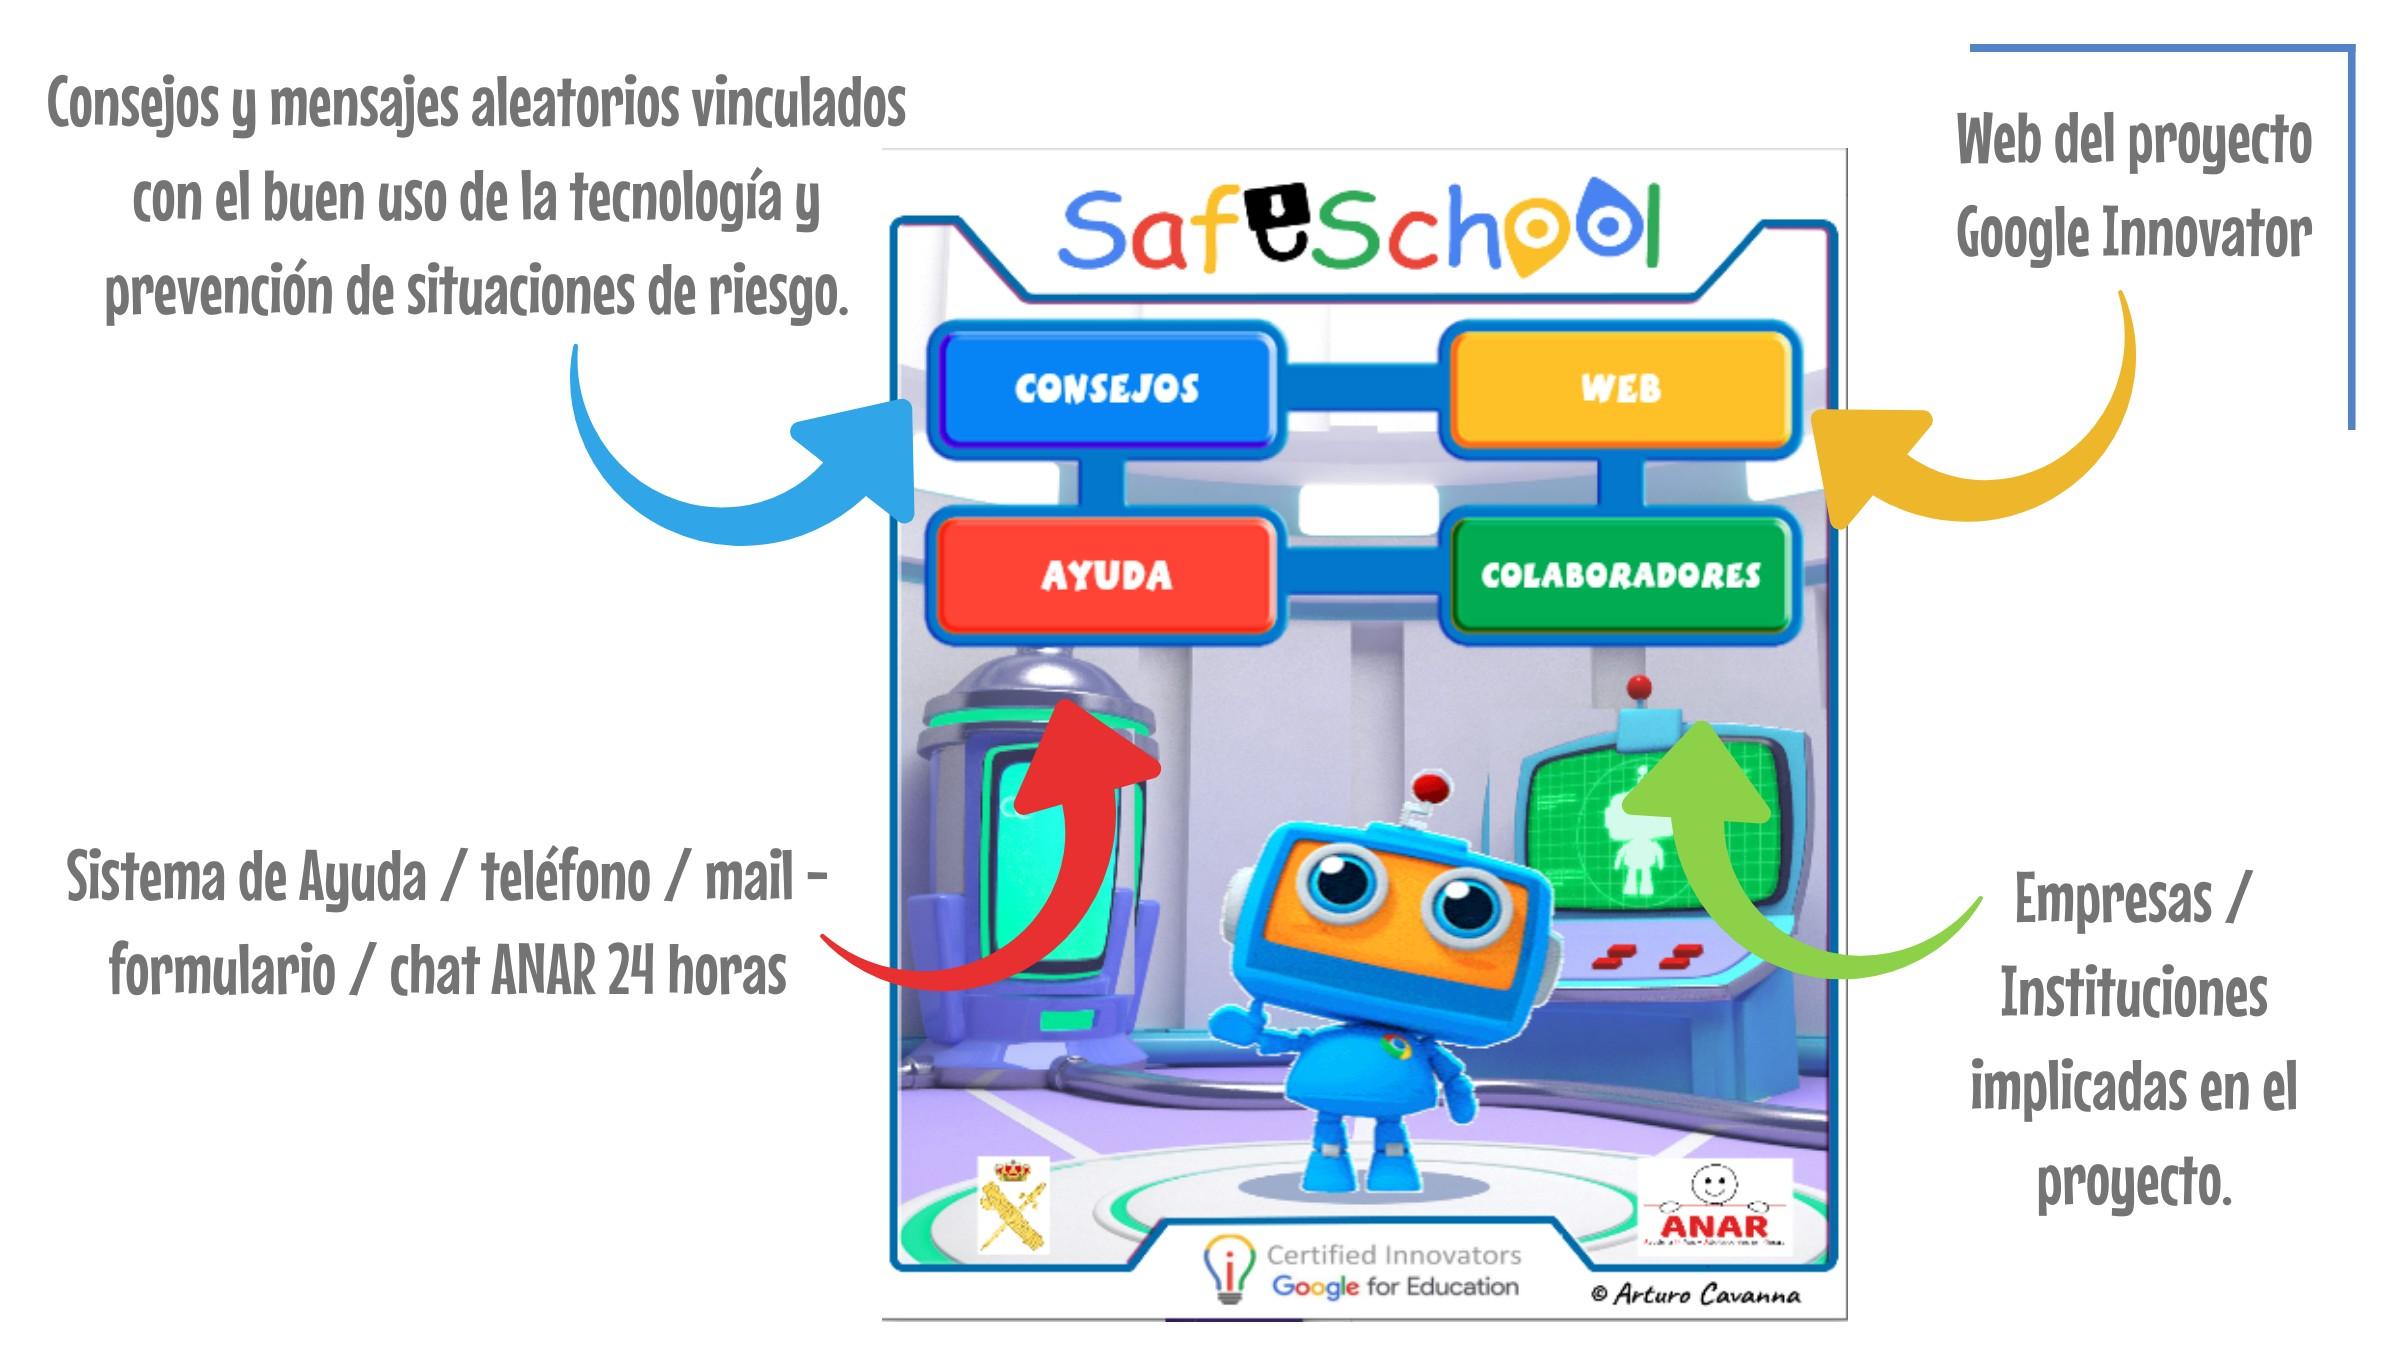 ¿Qué es SafeSchool?